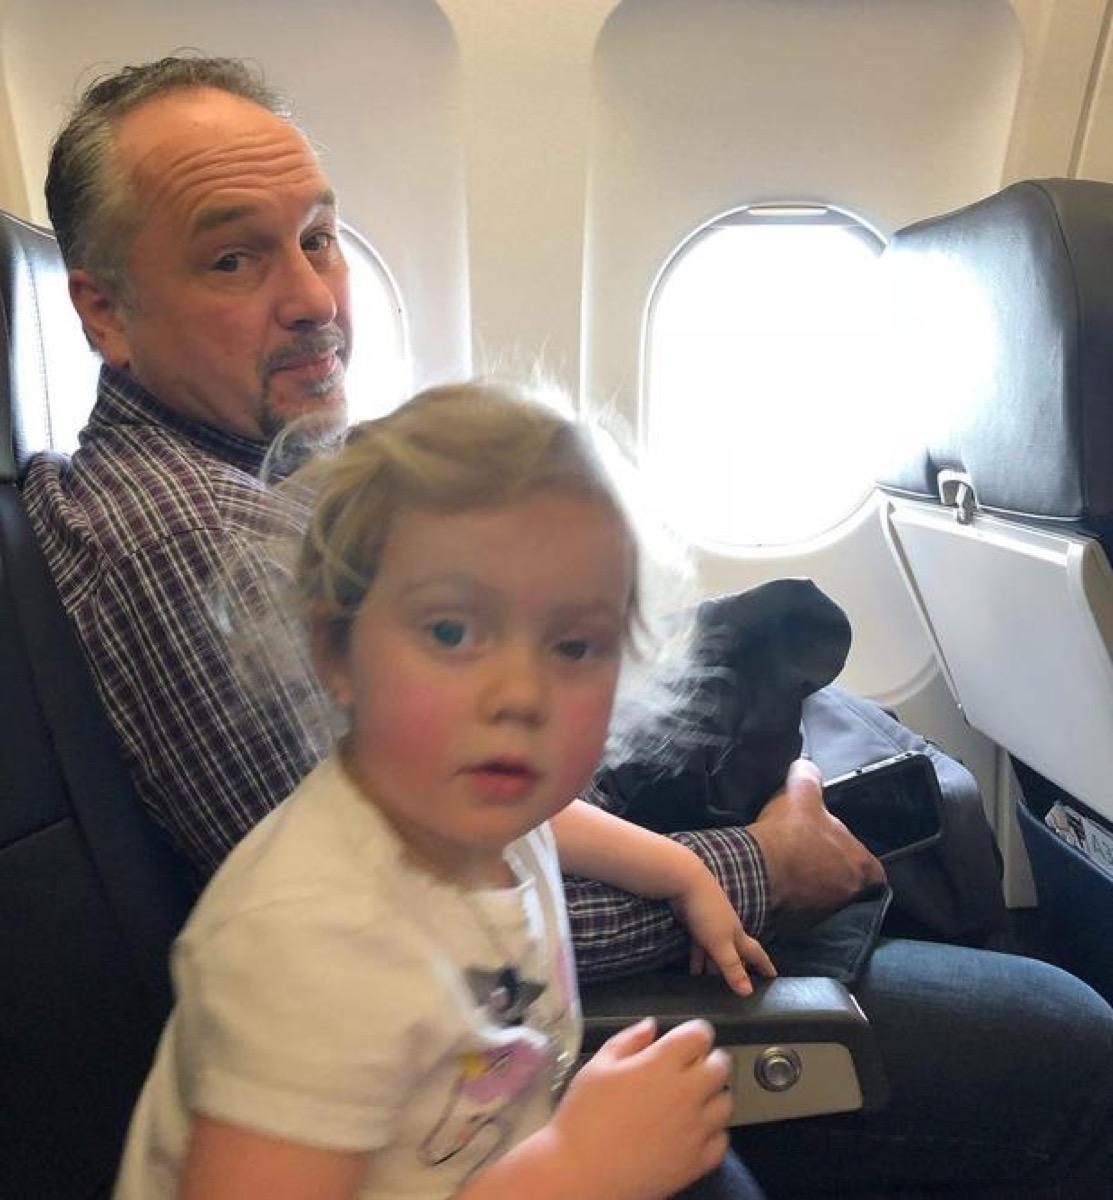 Plane Kids Rudeen